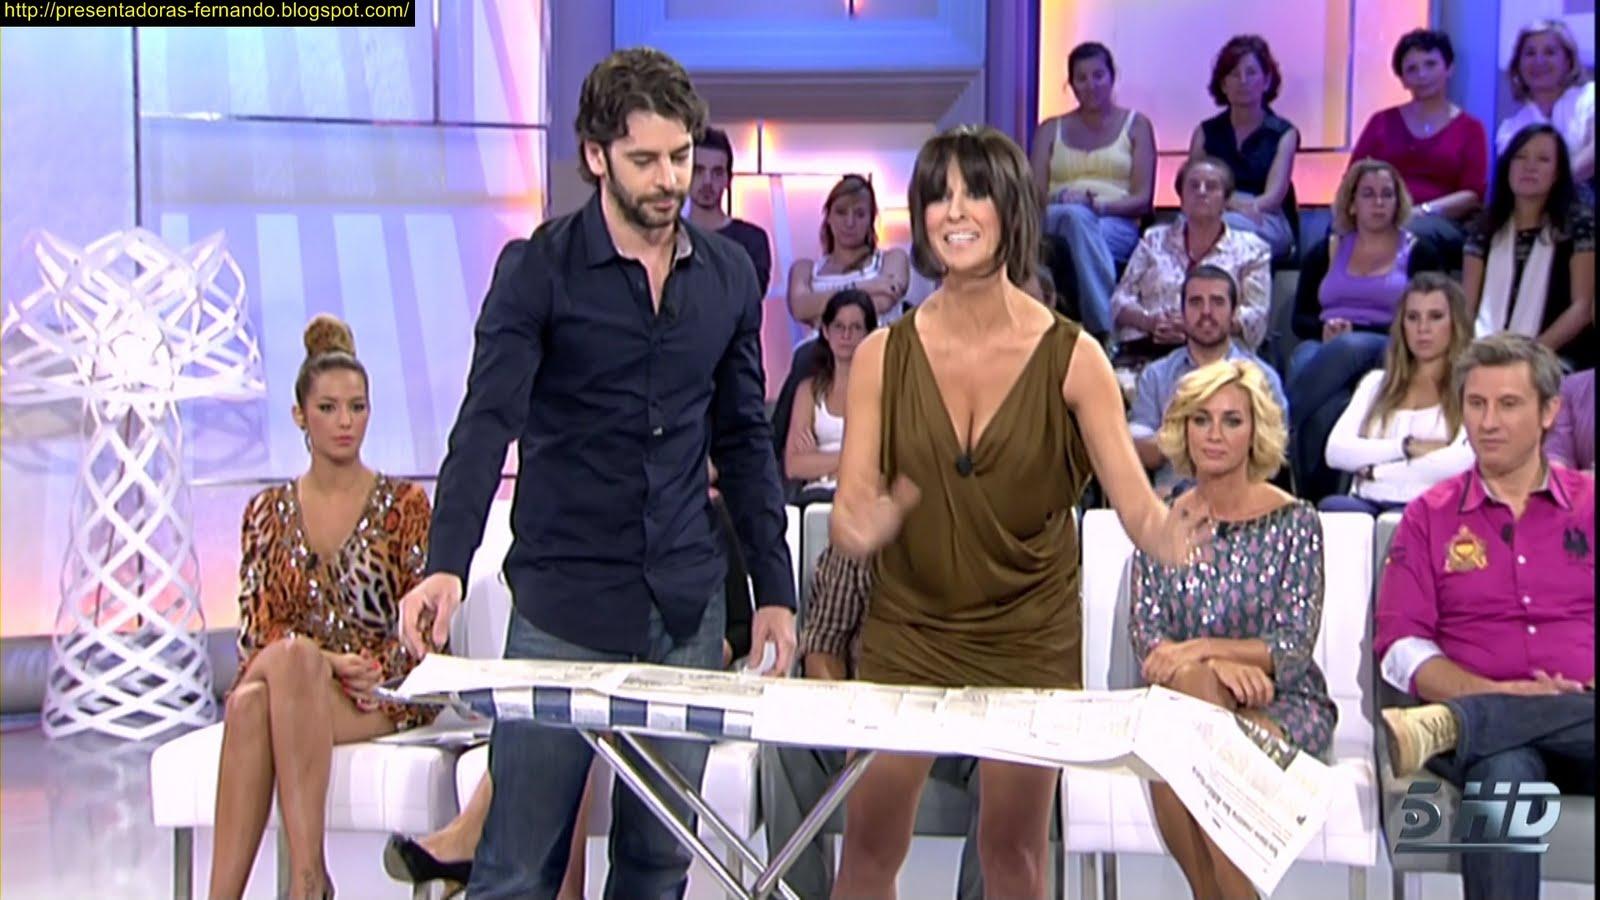 Presentadoras-Fernando: Ines La Maga Que Tiempo 23-9-2012